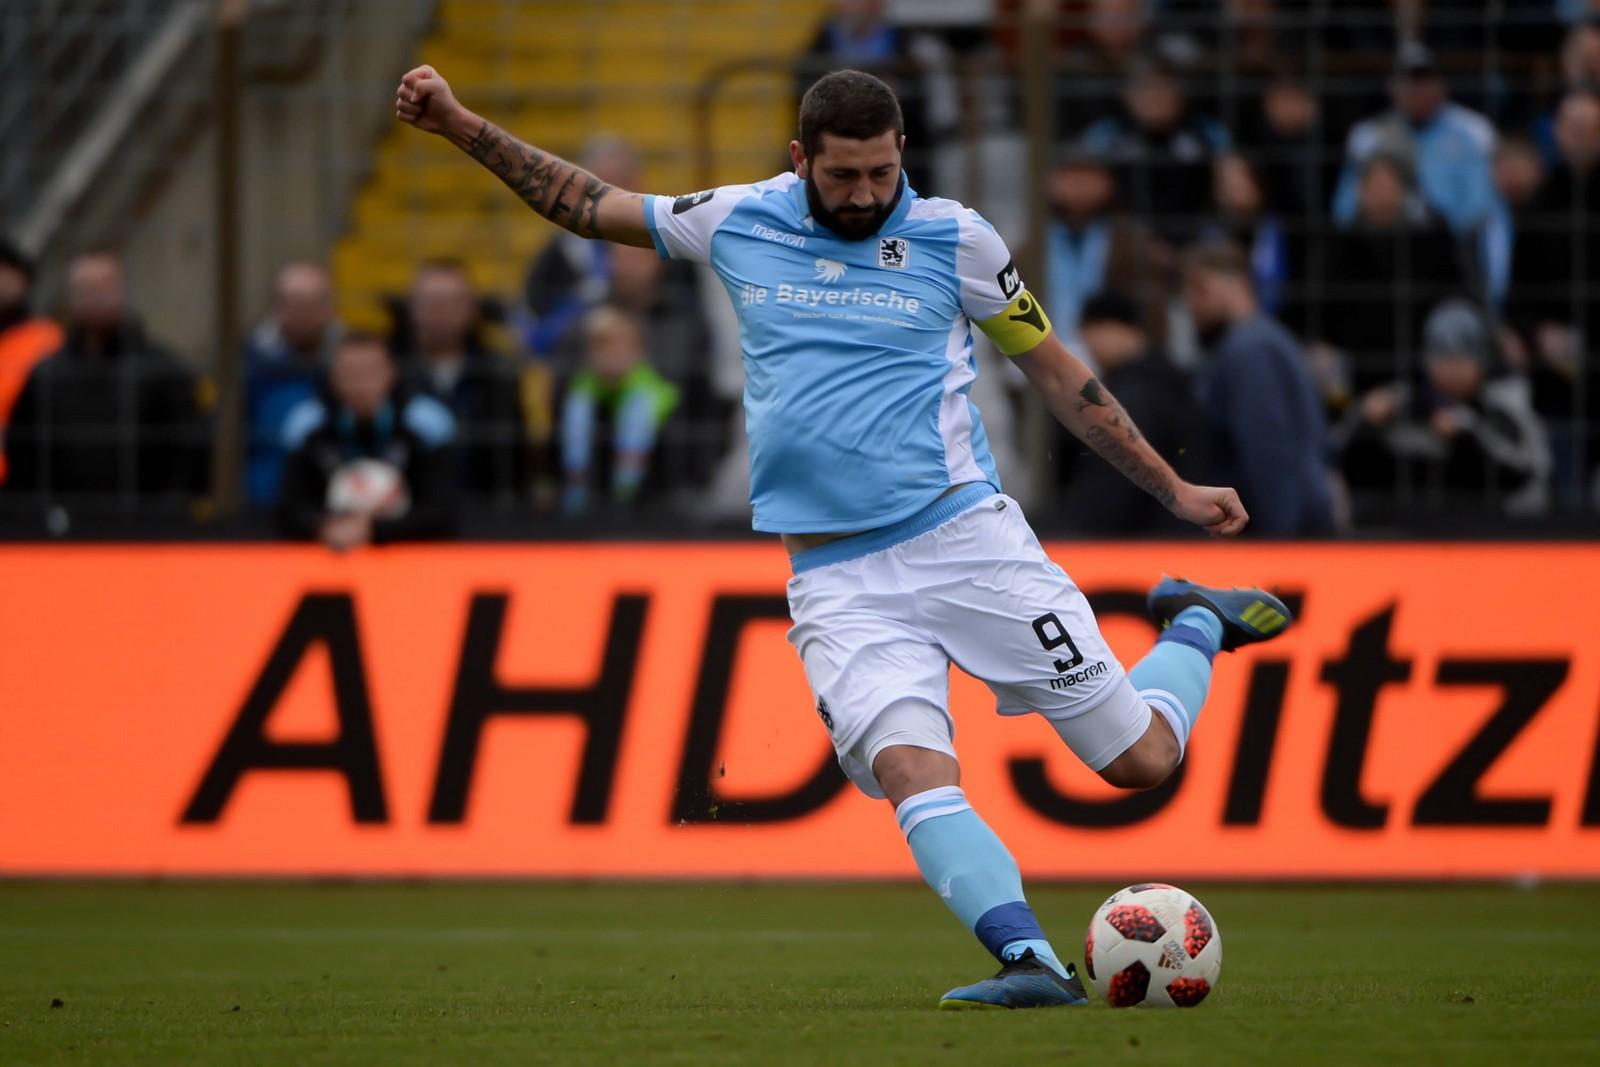 Ging mit seiner kämpferischen Einstellung gegen Zwickau voraus und riss die Mannschaft mit: Sascha Mölders.